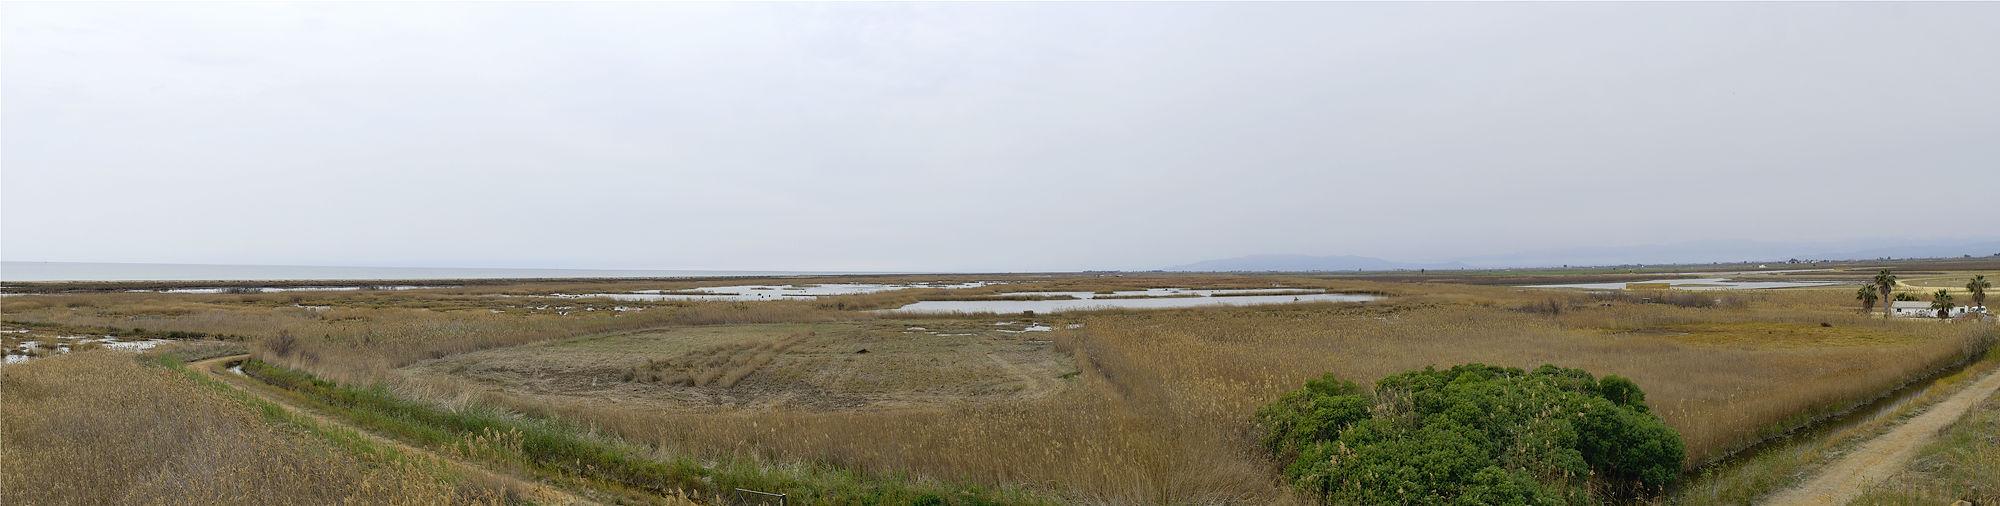 Naturpark Ebro-Delta ~ Blick auf die andere Seite, westliche Richtung